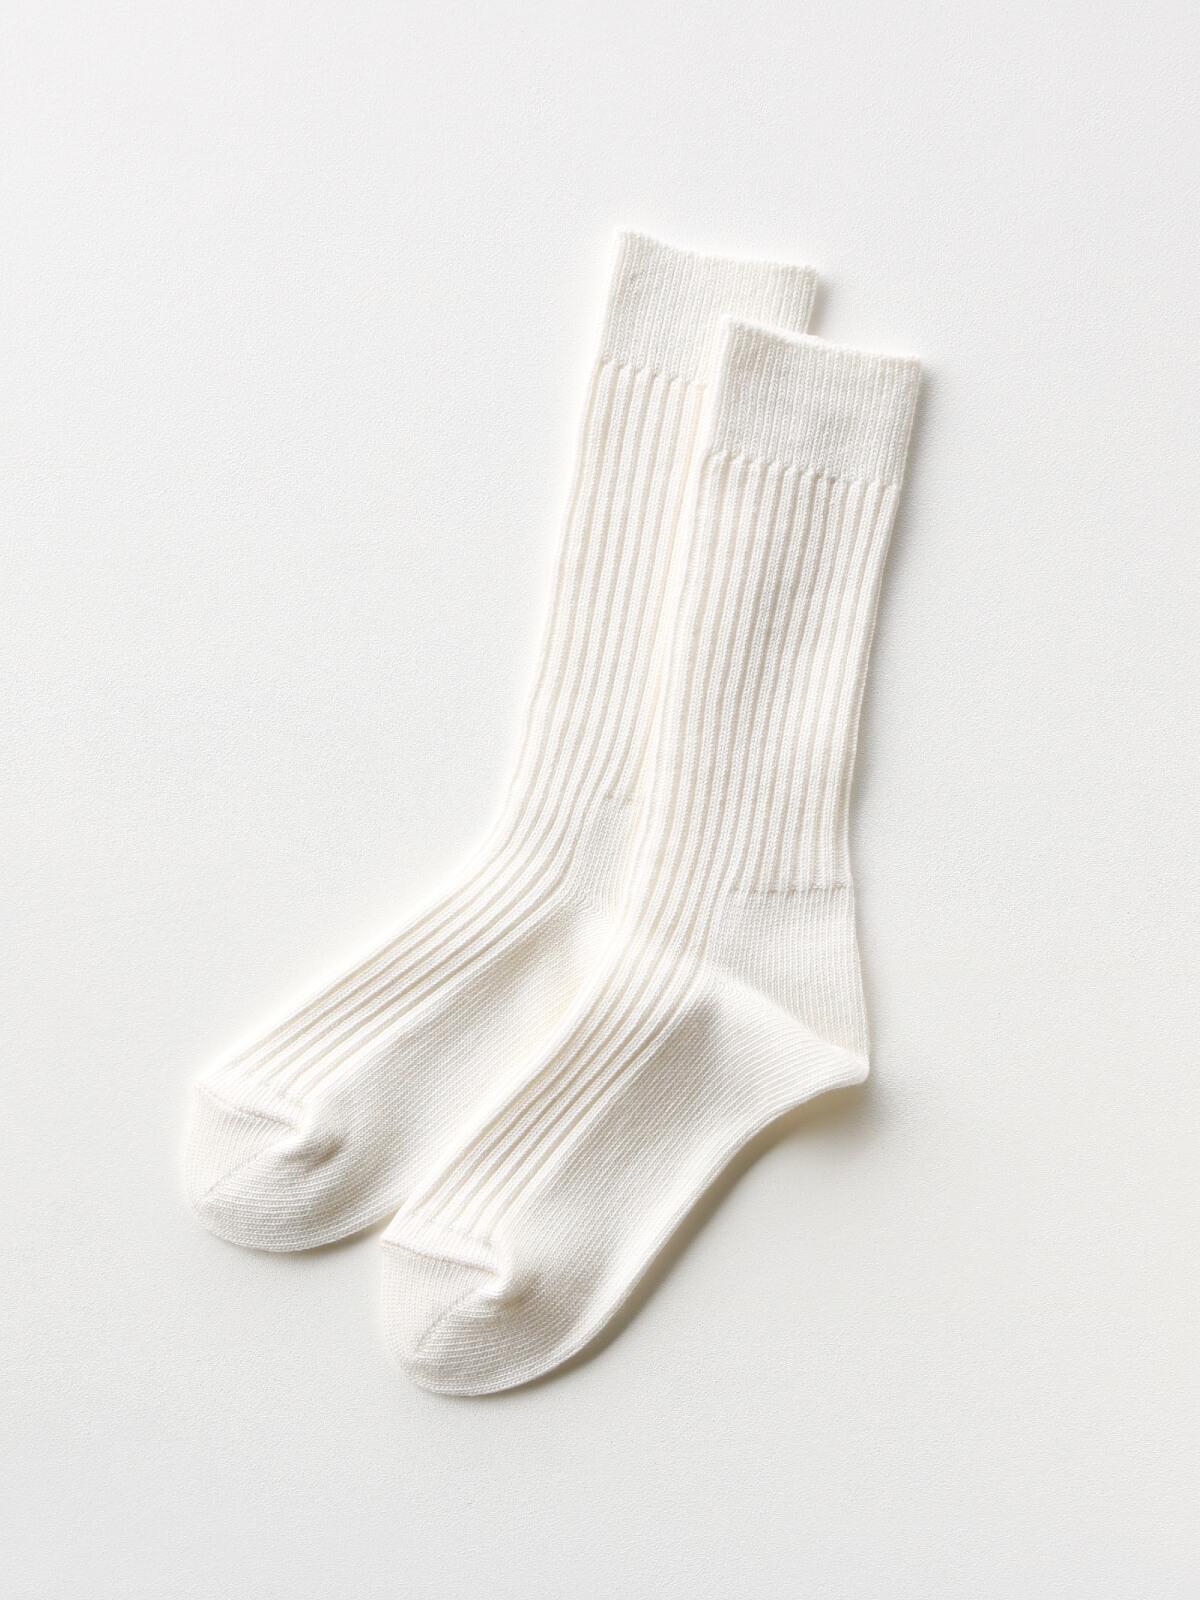 当たりつきギフト専用靴下のLUCKY SOCKS(ラッキーソックス)のSmooth Rib Socks(スムースリブソックス)のオフホワイト_2